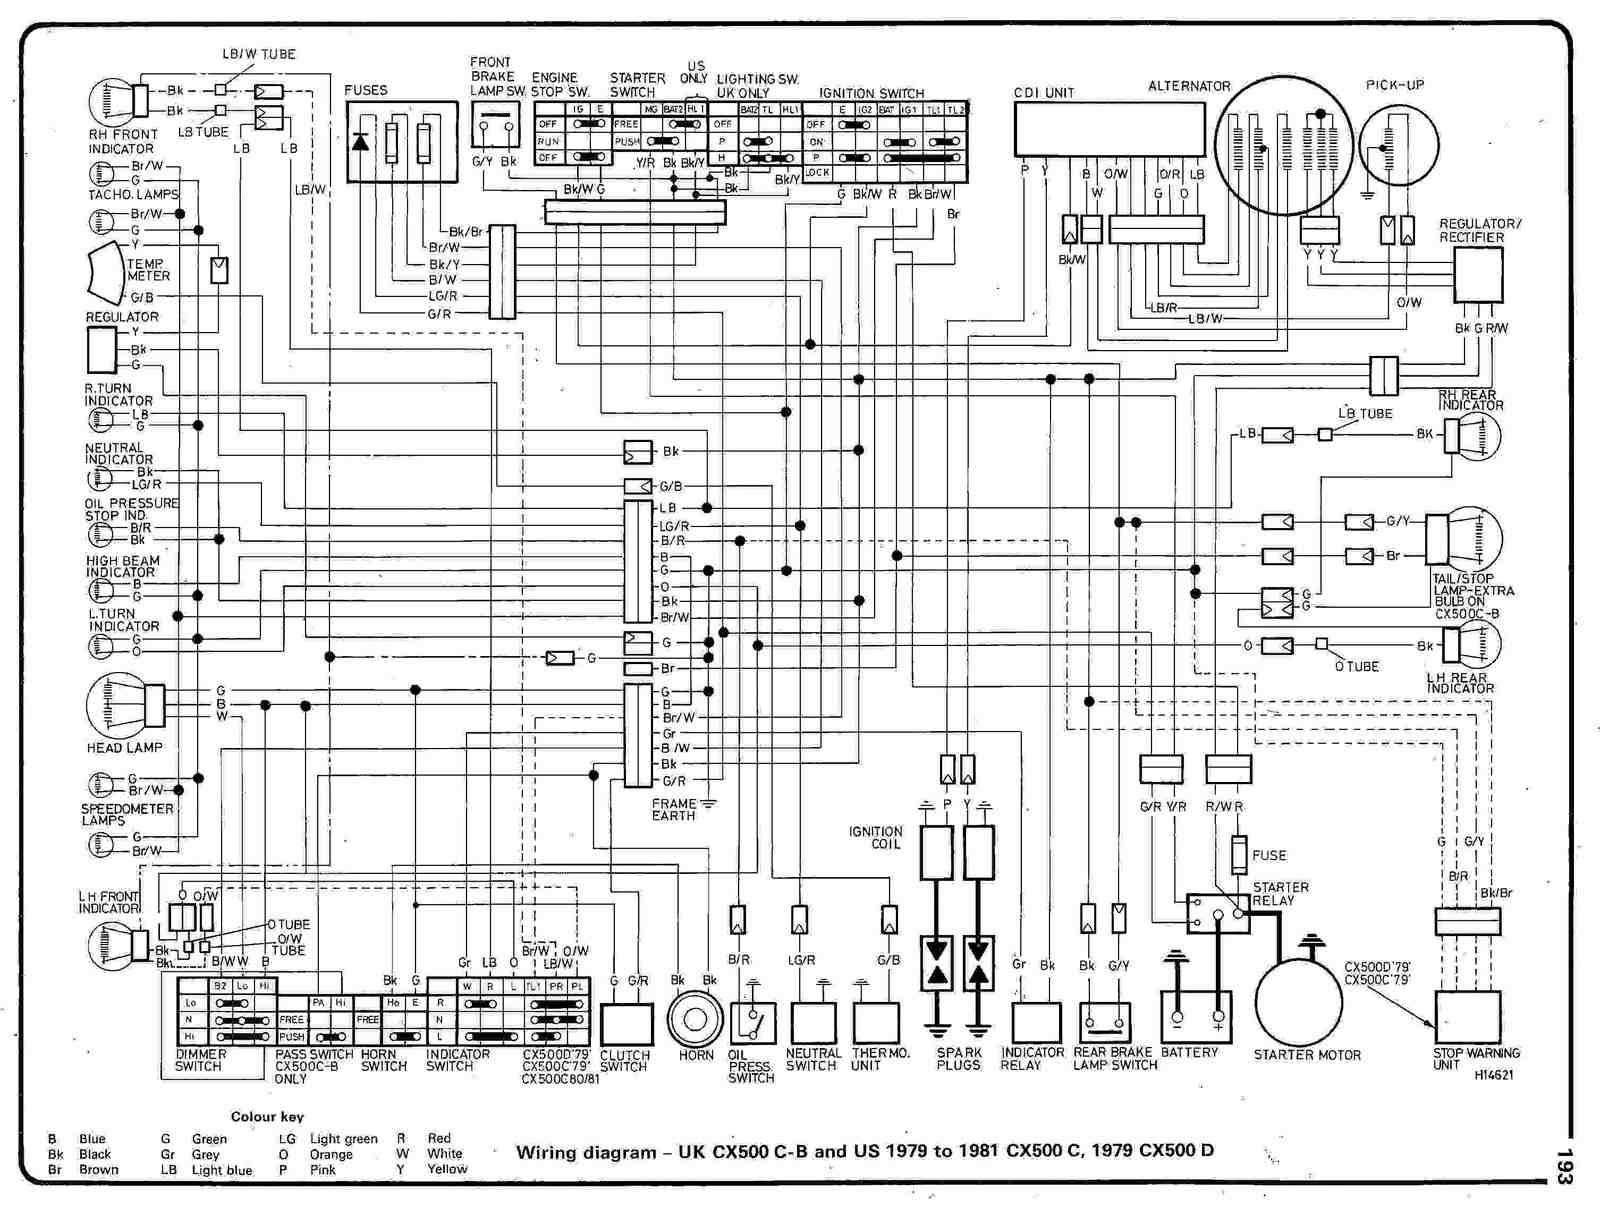 BCEC6F5 81 Virago 750 Wiring Diagram   Wiring Resources Wiring Resources